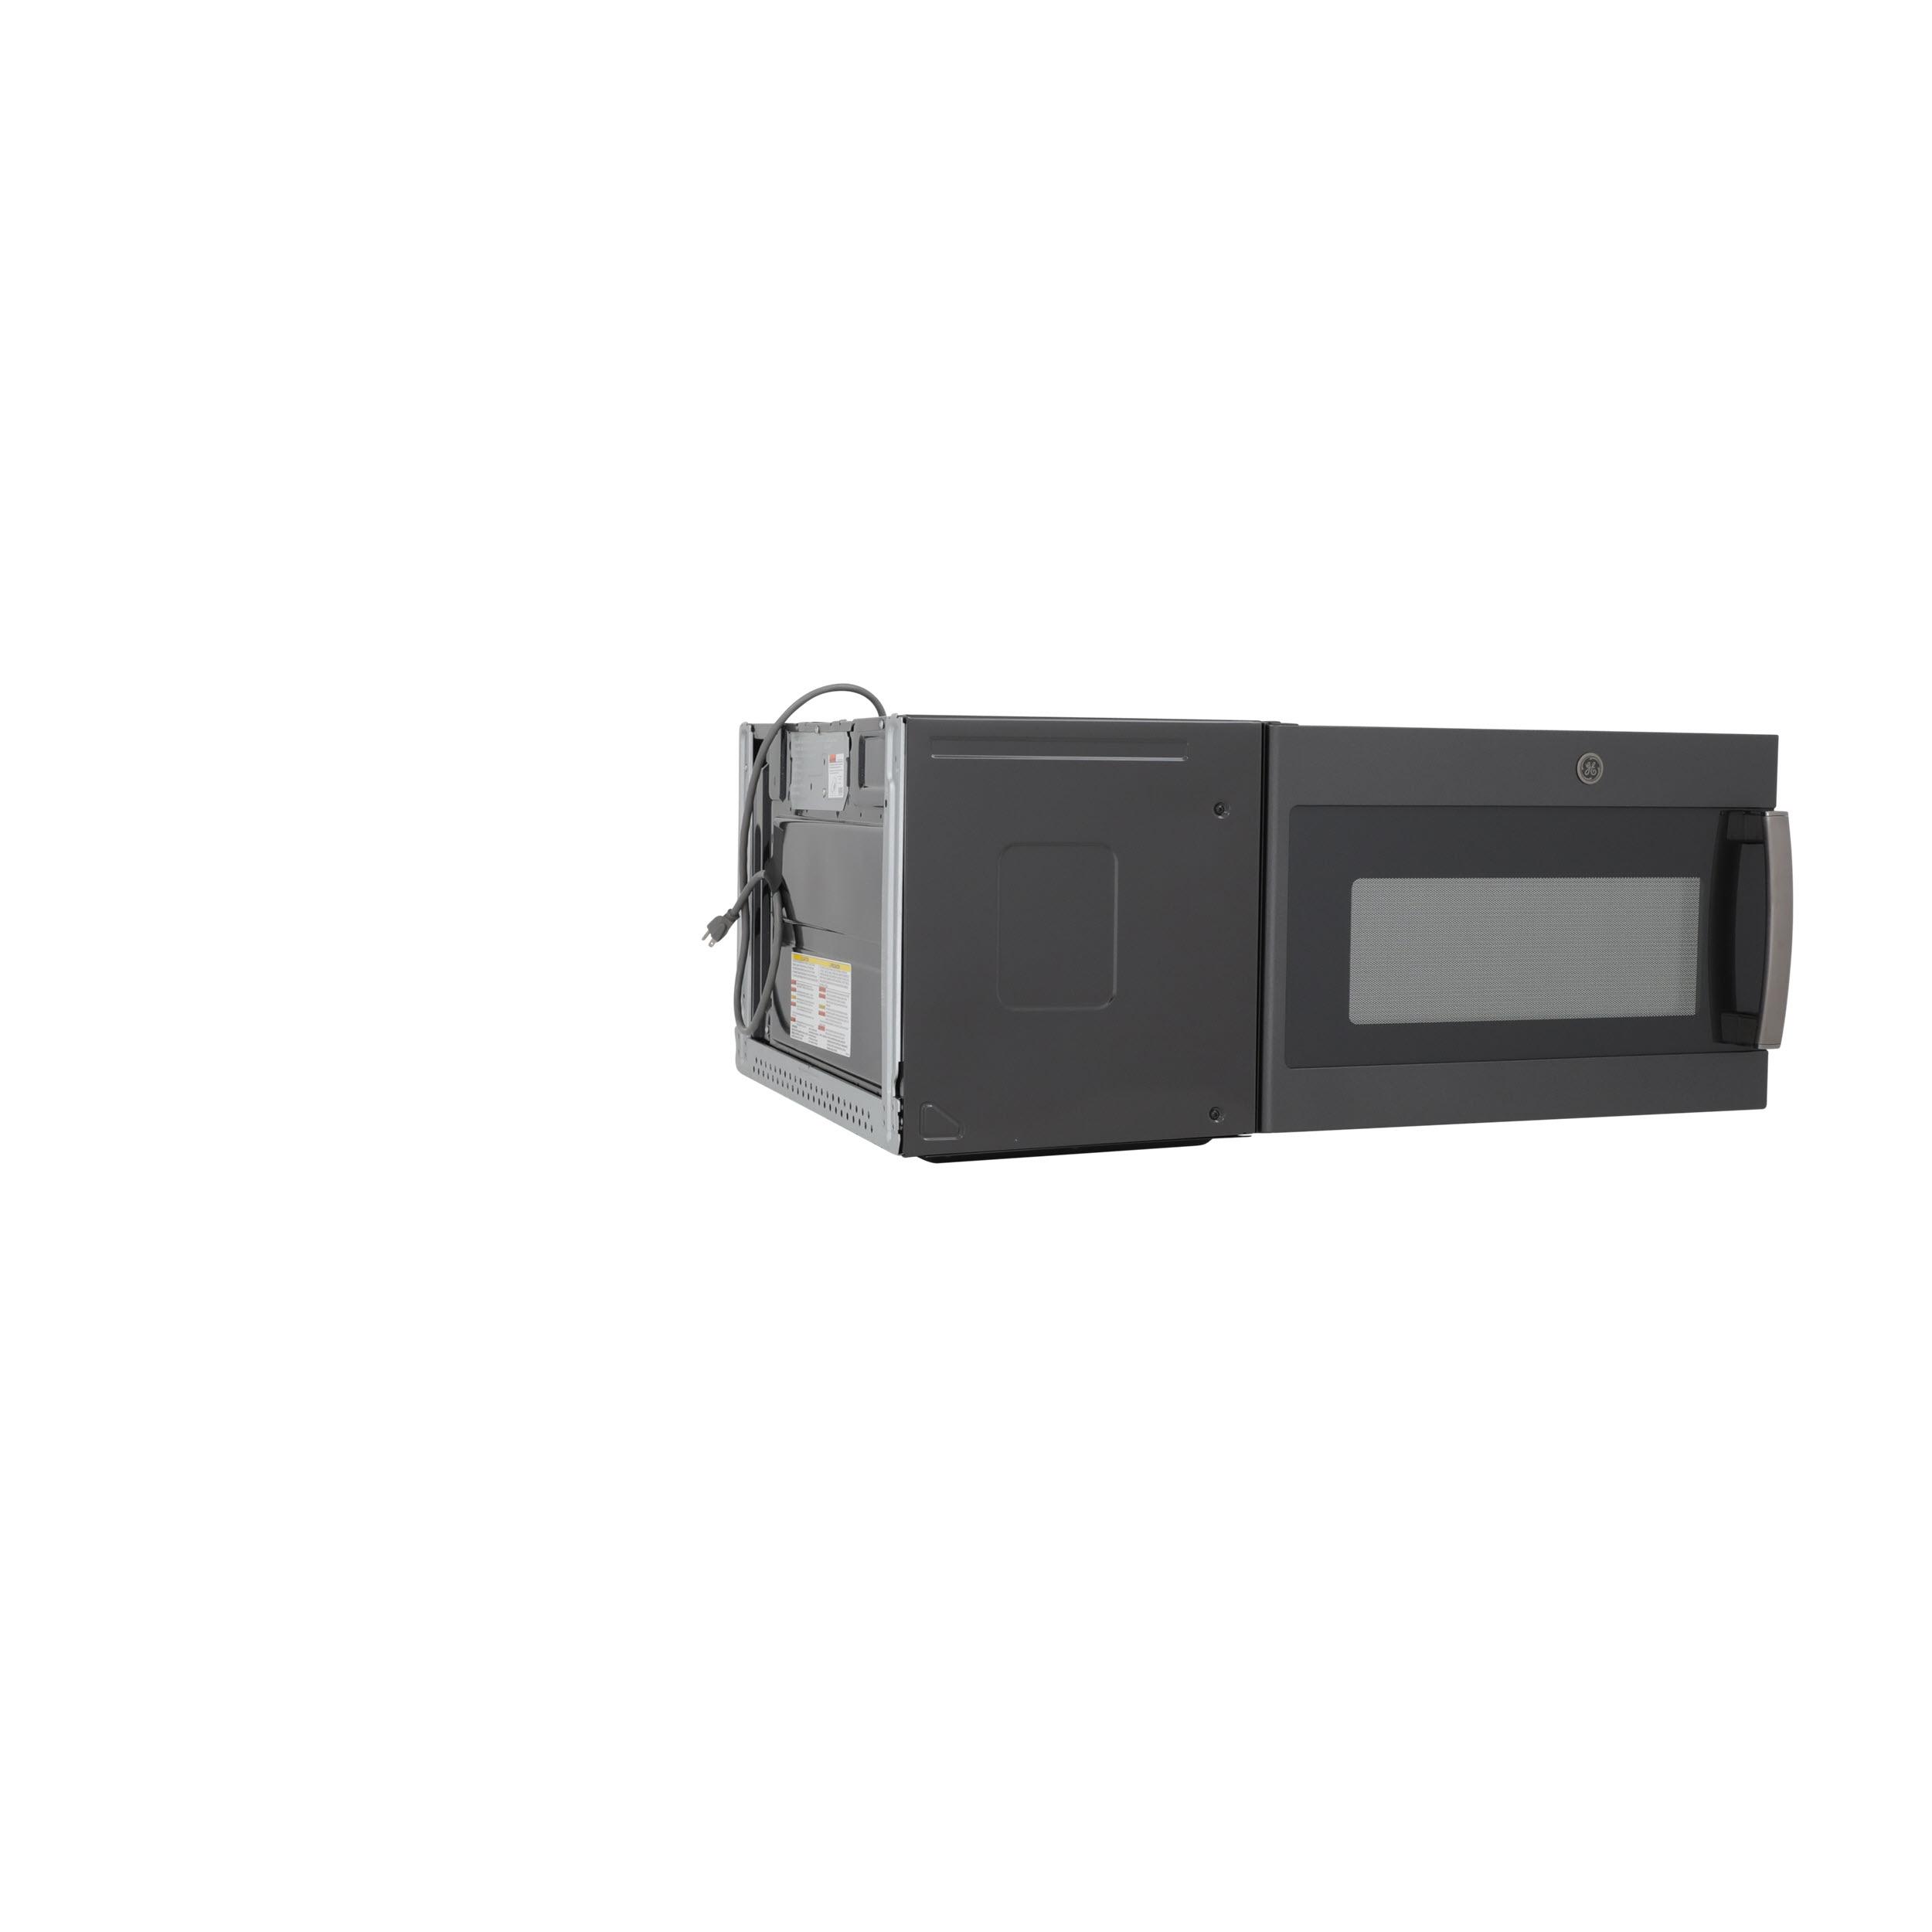 Model: JVM7195FLDS   GE GE® 1.9 Cu. Ft. Over-the-Range Sensor Microwave Oven